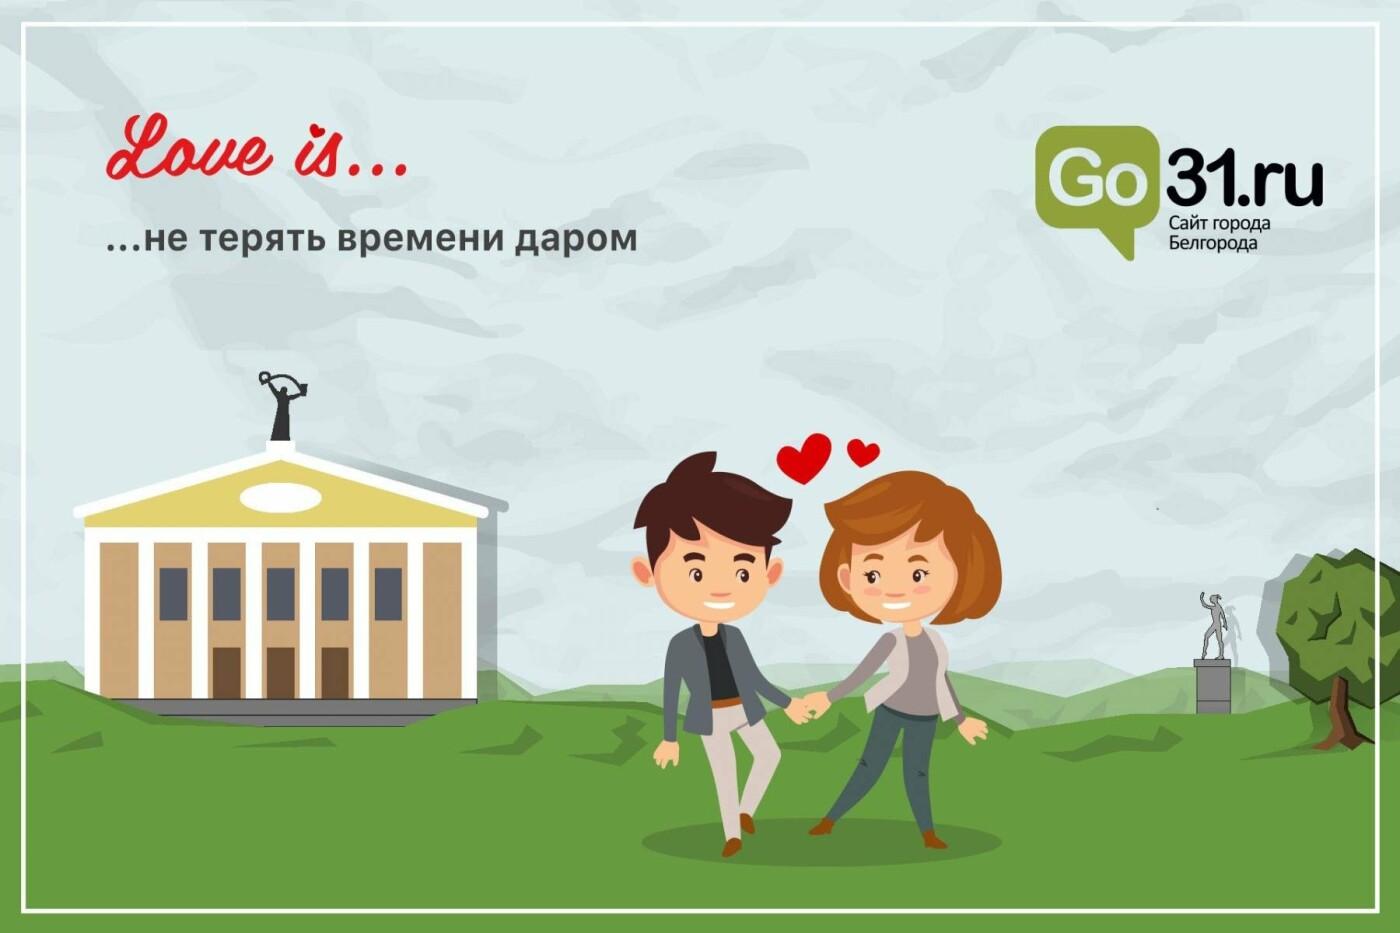 «Бросал дважды на 14 февраля». Как белгородцы празднуют День святого Валентина , фото-1